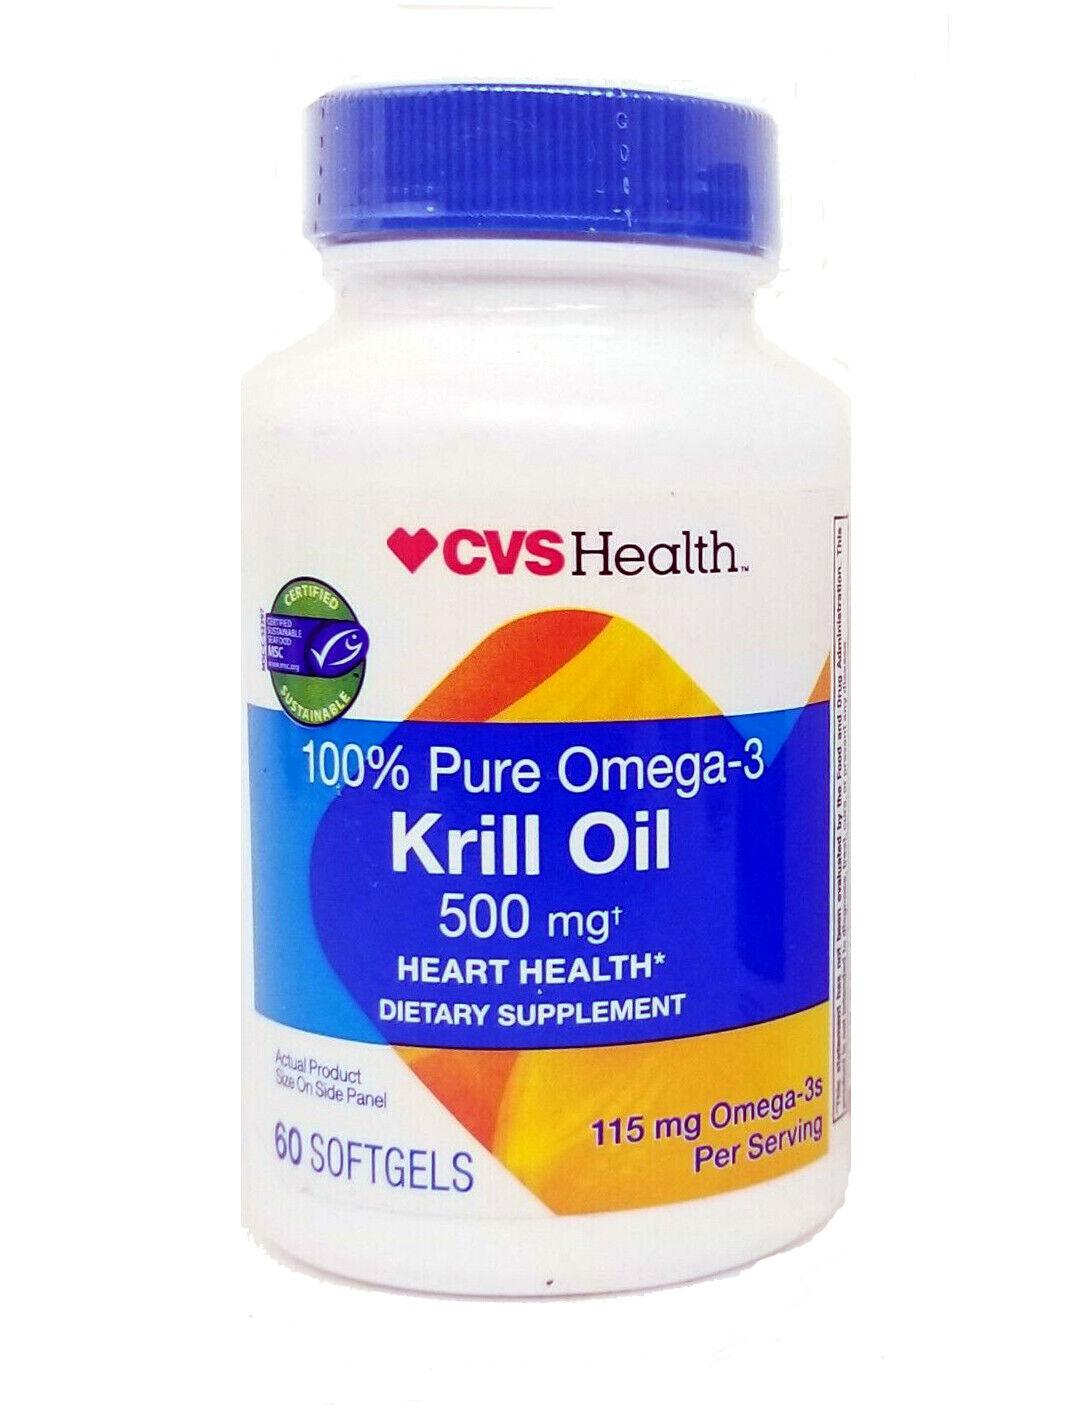 60 Softgels CVS Health 100% Pure Omega-3 Krill Oil 500mg Hea